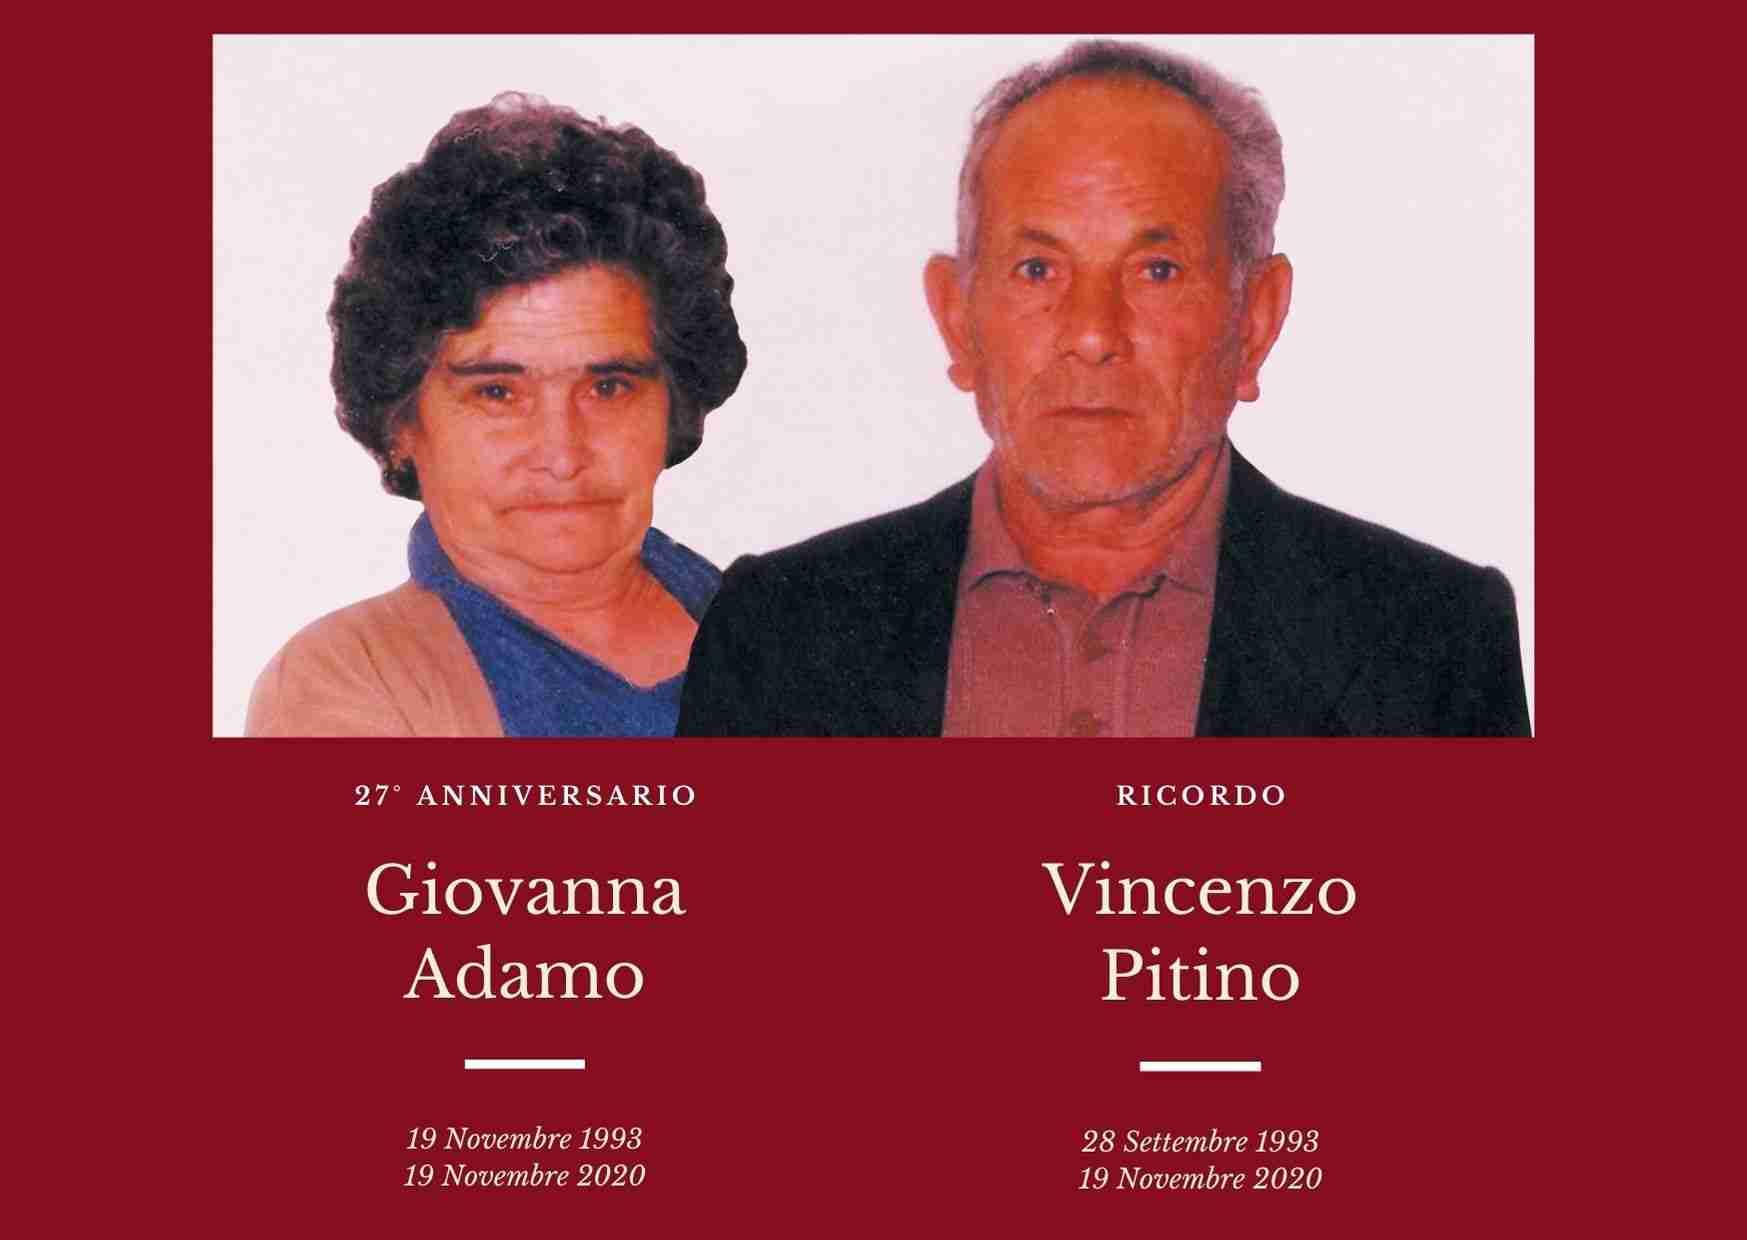 Necrologio: oggi l'anniversario e il ricordo dei coniugi Vincenzo Pitino e Giovanna Adamo